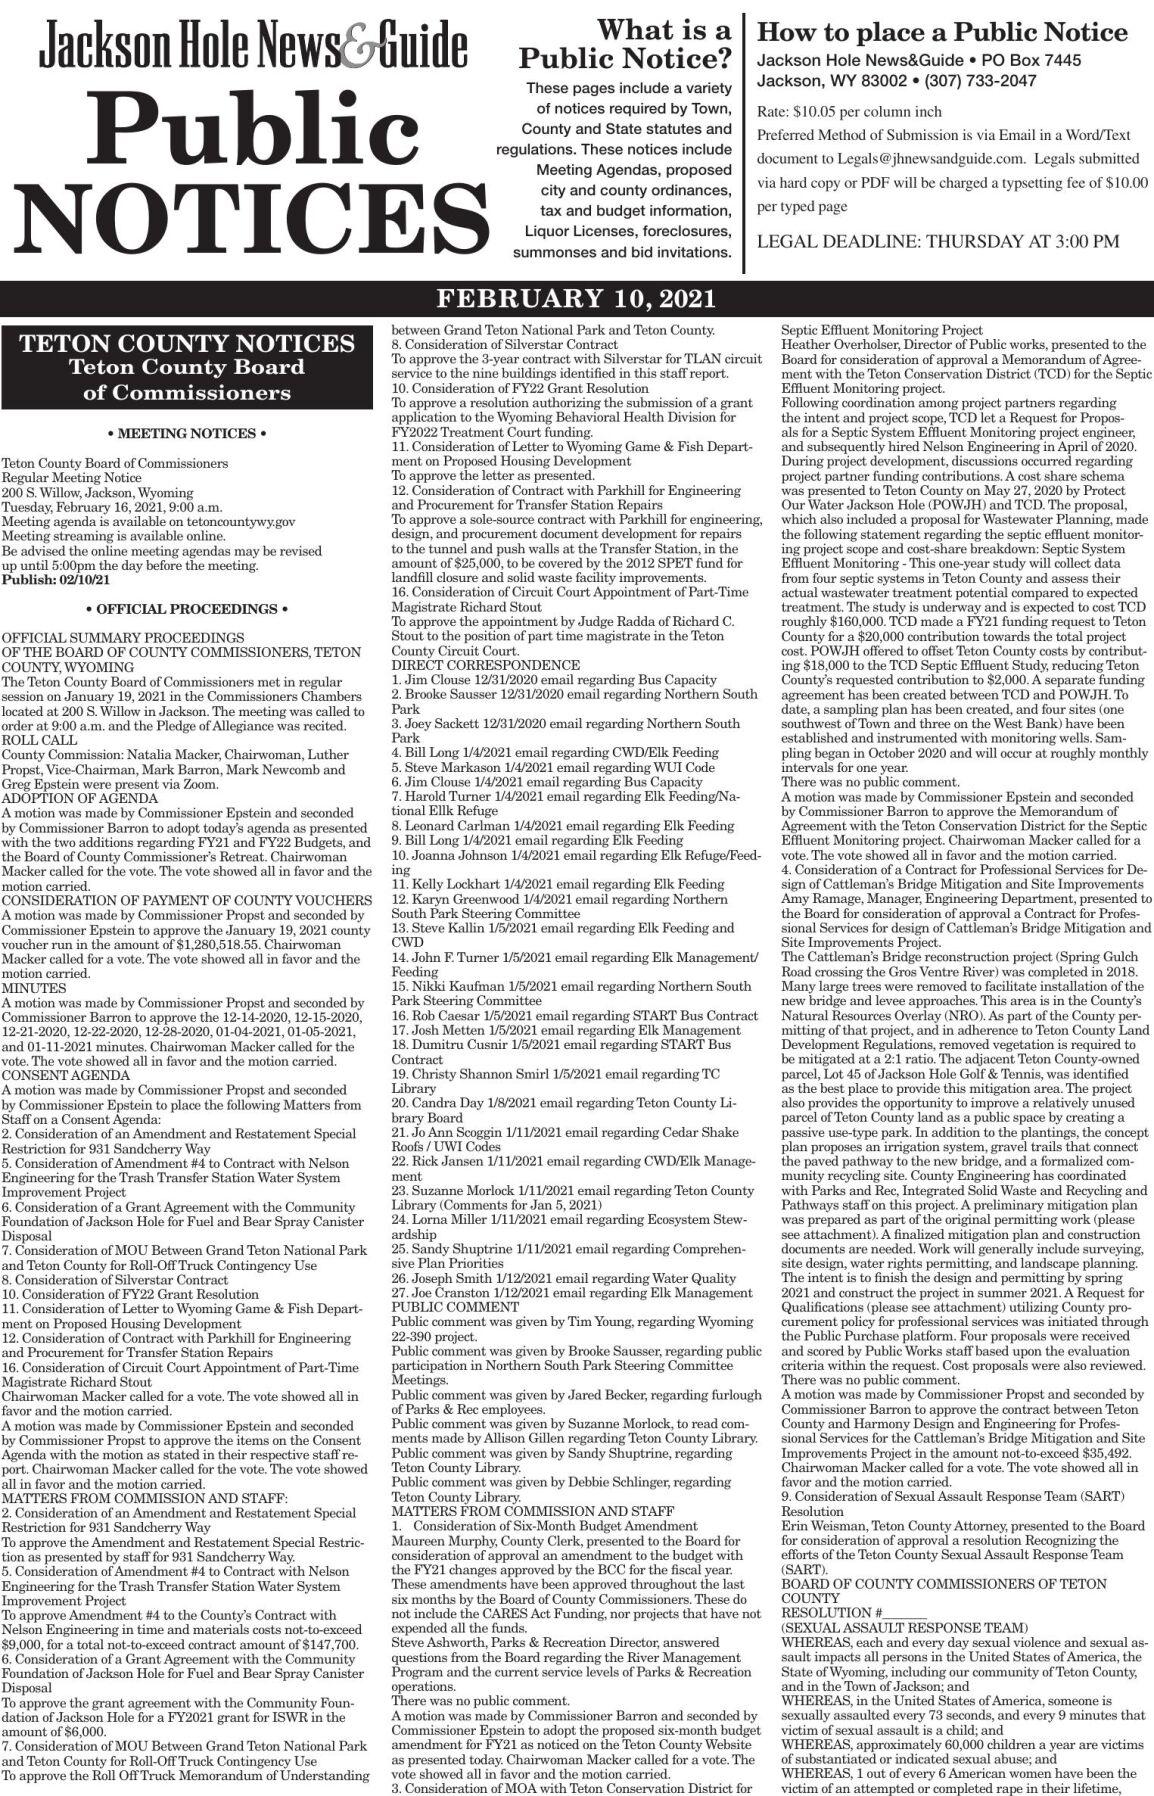 Public Notices Feb. 10, 2021